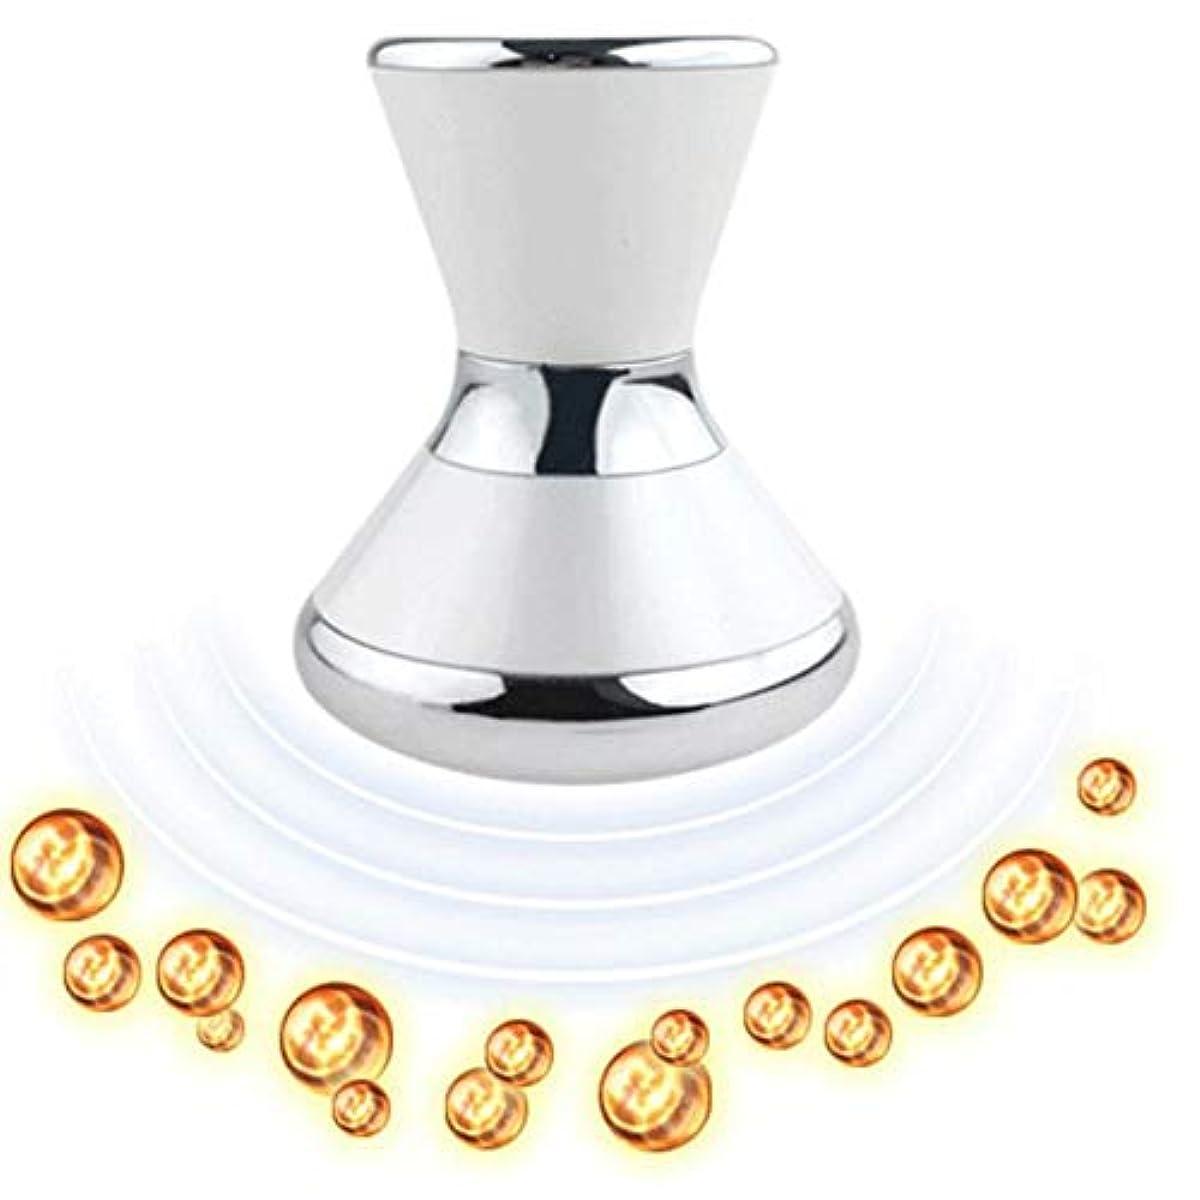 好み迷彩好み磁気振動美容マッサージ器具、吸収磁気療法フェイシャルマッサージャー美容スキンケアデバイス,銀